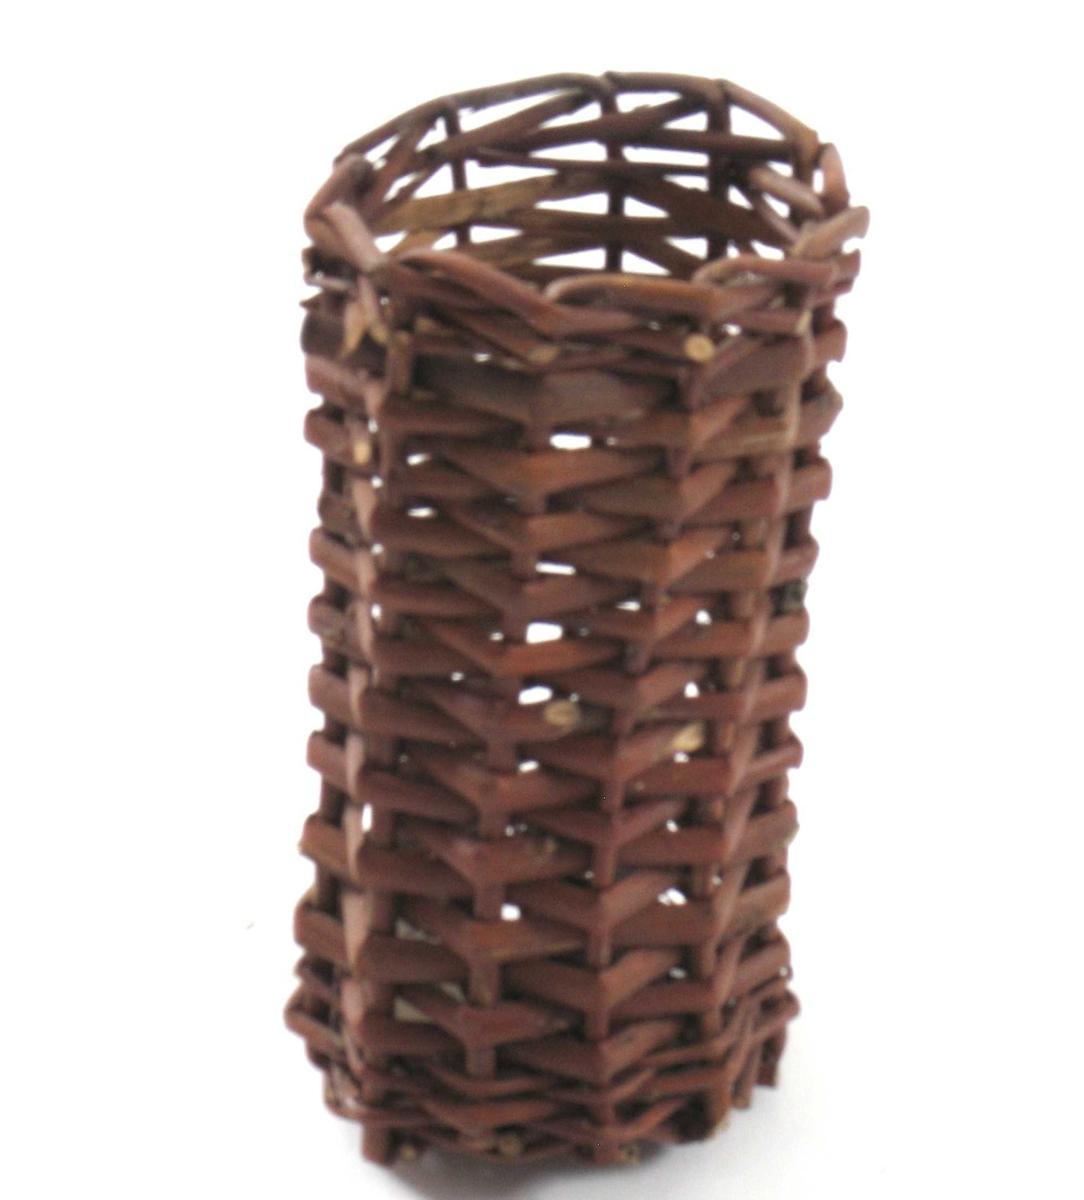 Rund, sylindrisk flettet kurv. Flettet av ubarkede pilekvister. En liten blikkplate er bundet fast til kurven. Fire av de fem kurvene er samlet i en større og enklere firkantet bærekurv av trelister med en bøyd hank over.